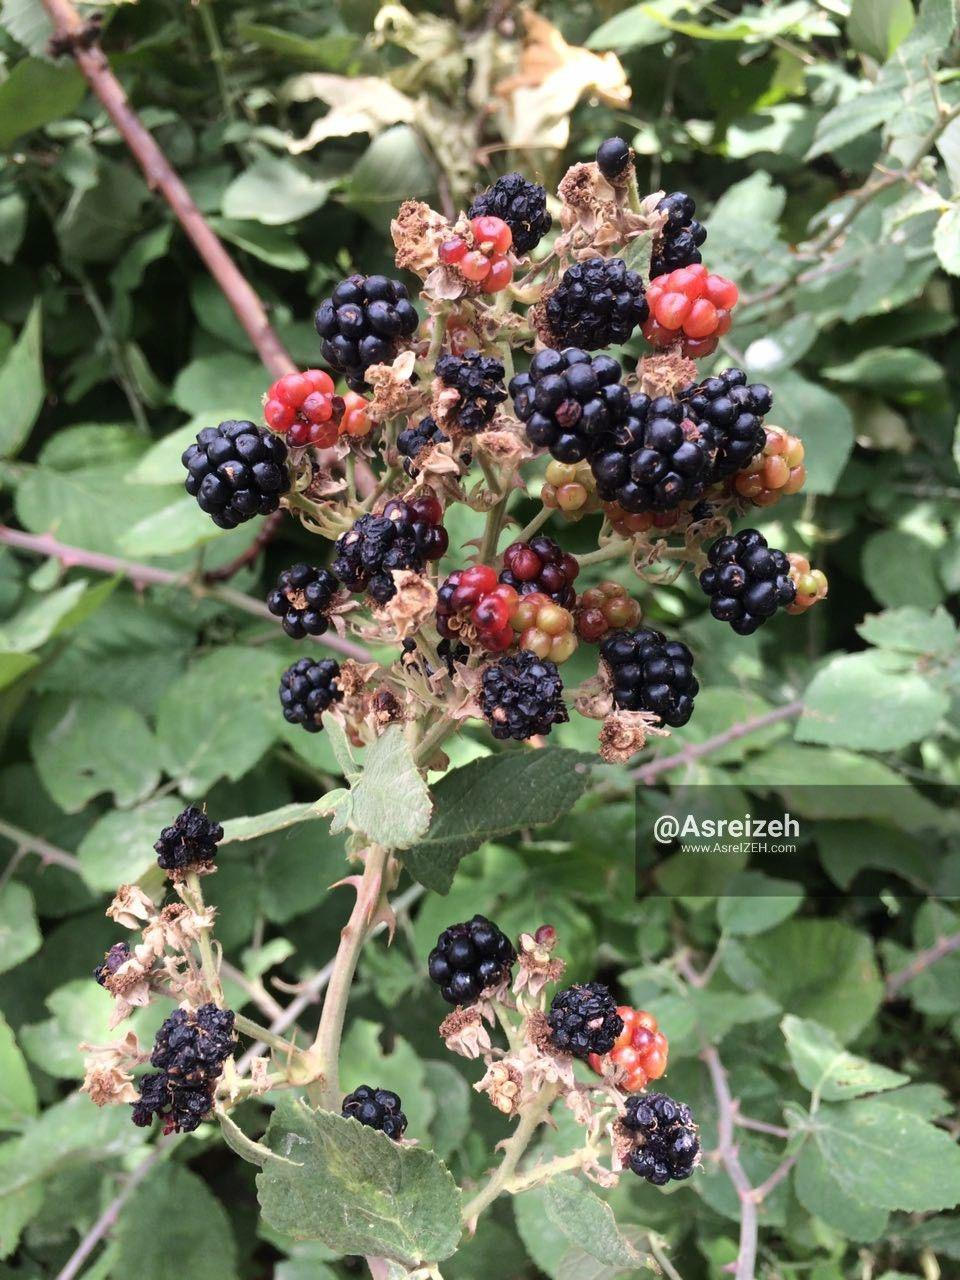 گزارش تصویری/ محصولات تابستانی باغات منطقه گردشگری شیوند